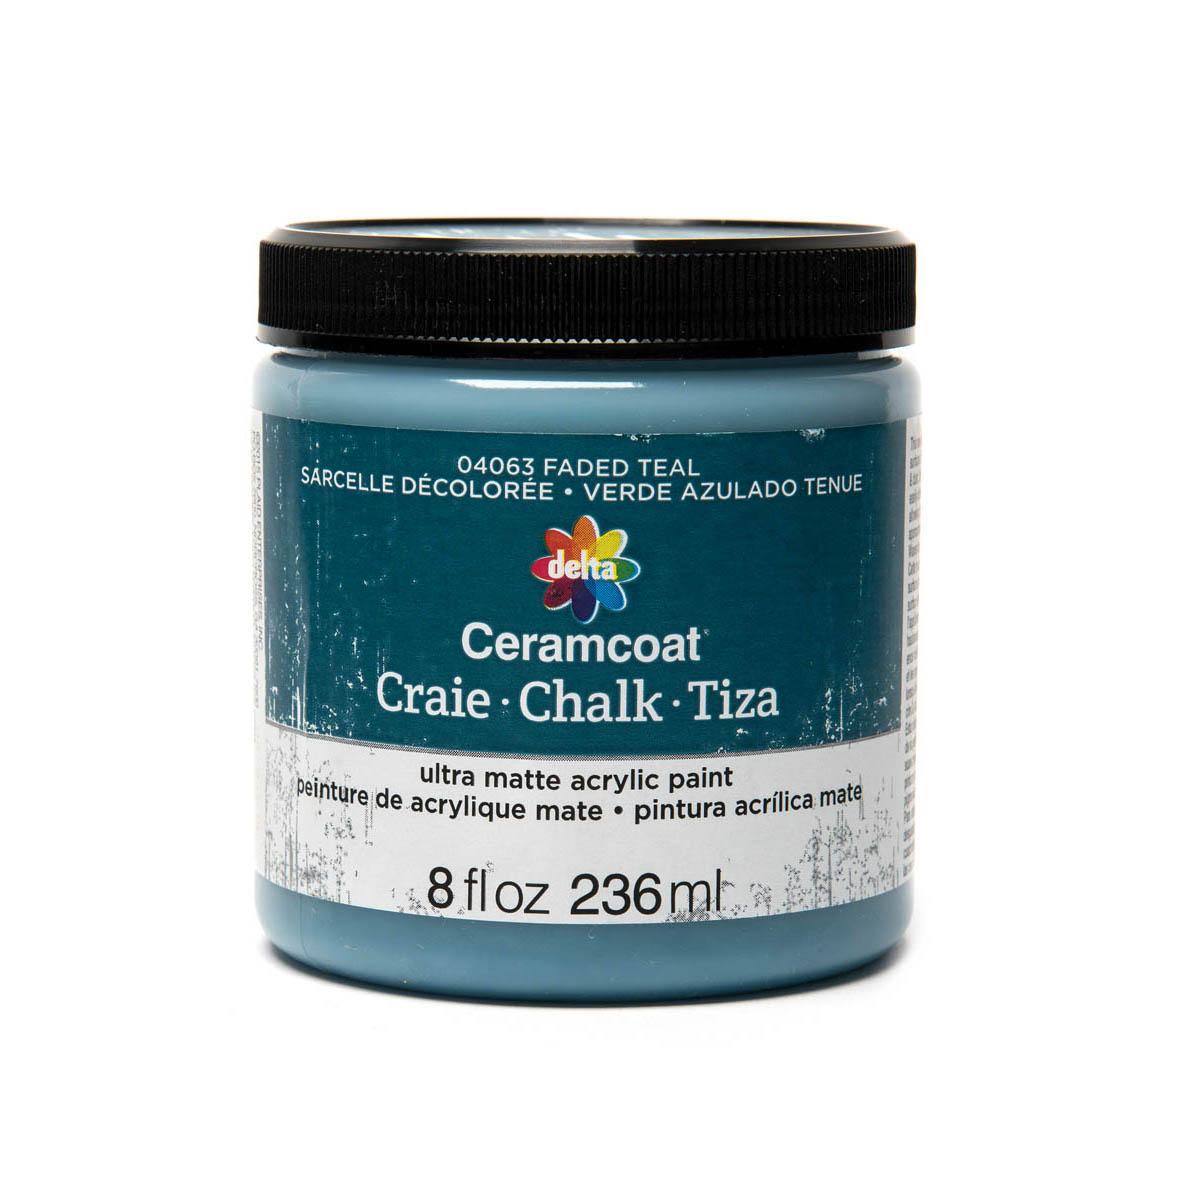 Delta Ceramcoat ® Chalk - Faded Teal, 8 oz.